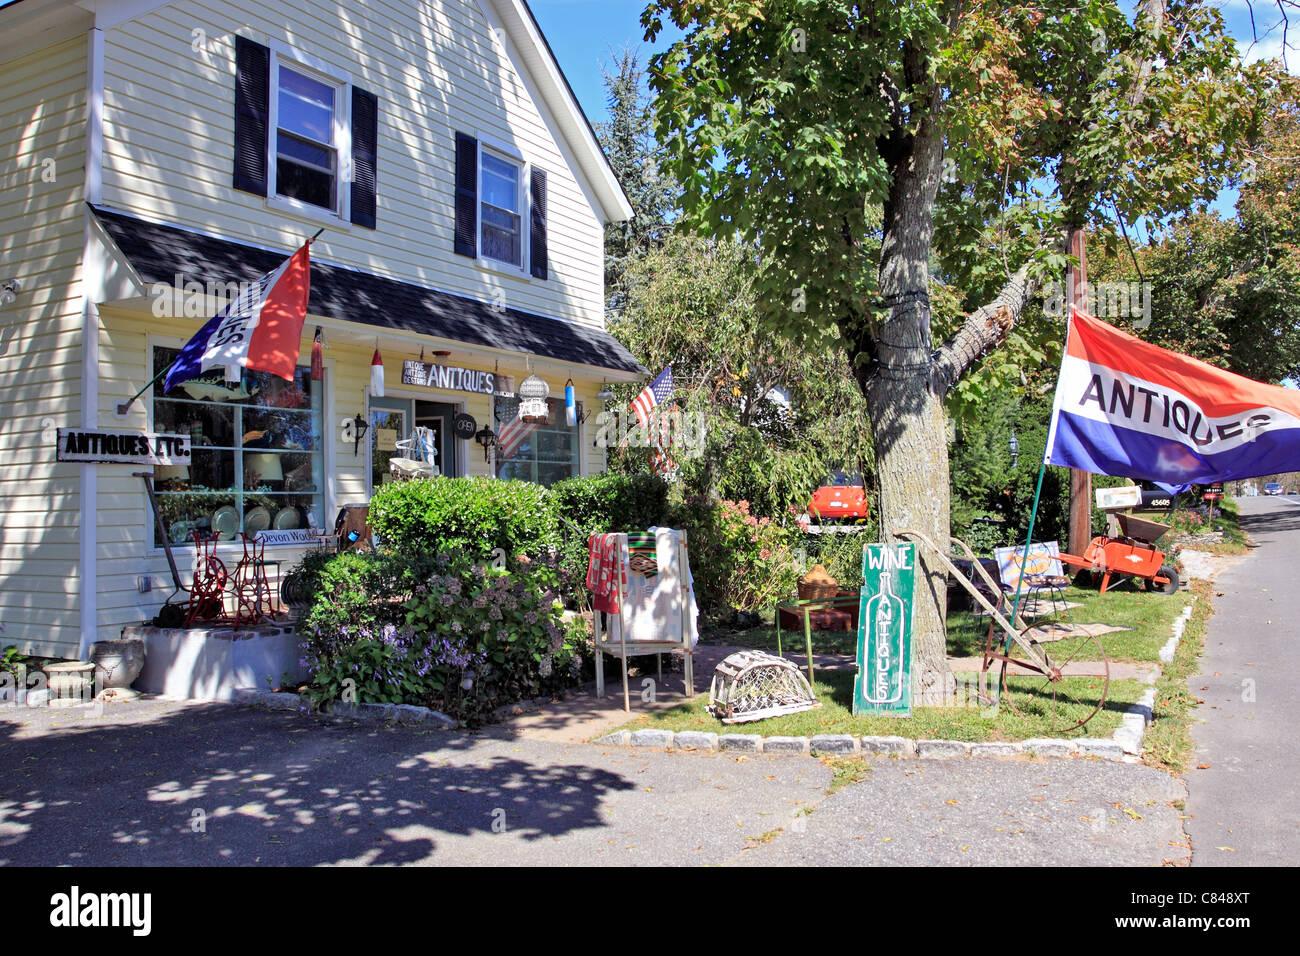 antique shops long island Antique shop Southold Long Island NY Stock Photo: 39432816   Alamy antique shops long island